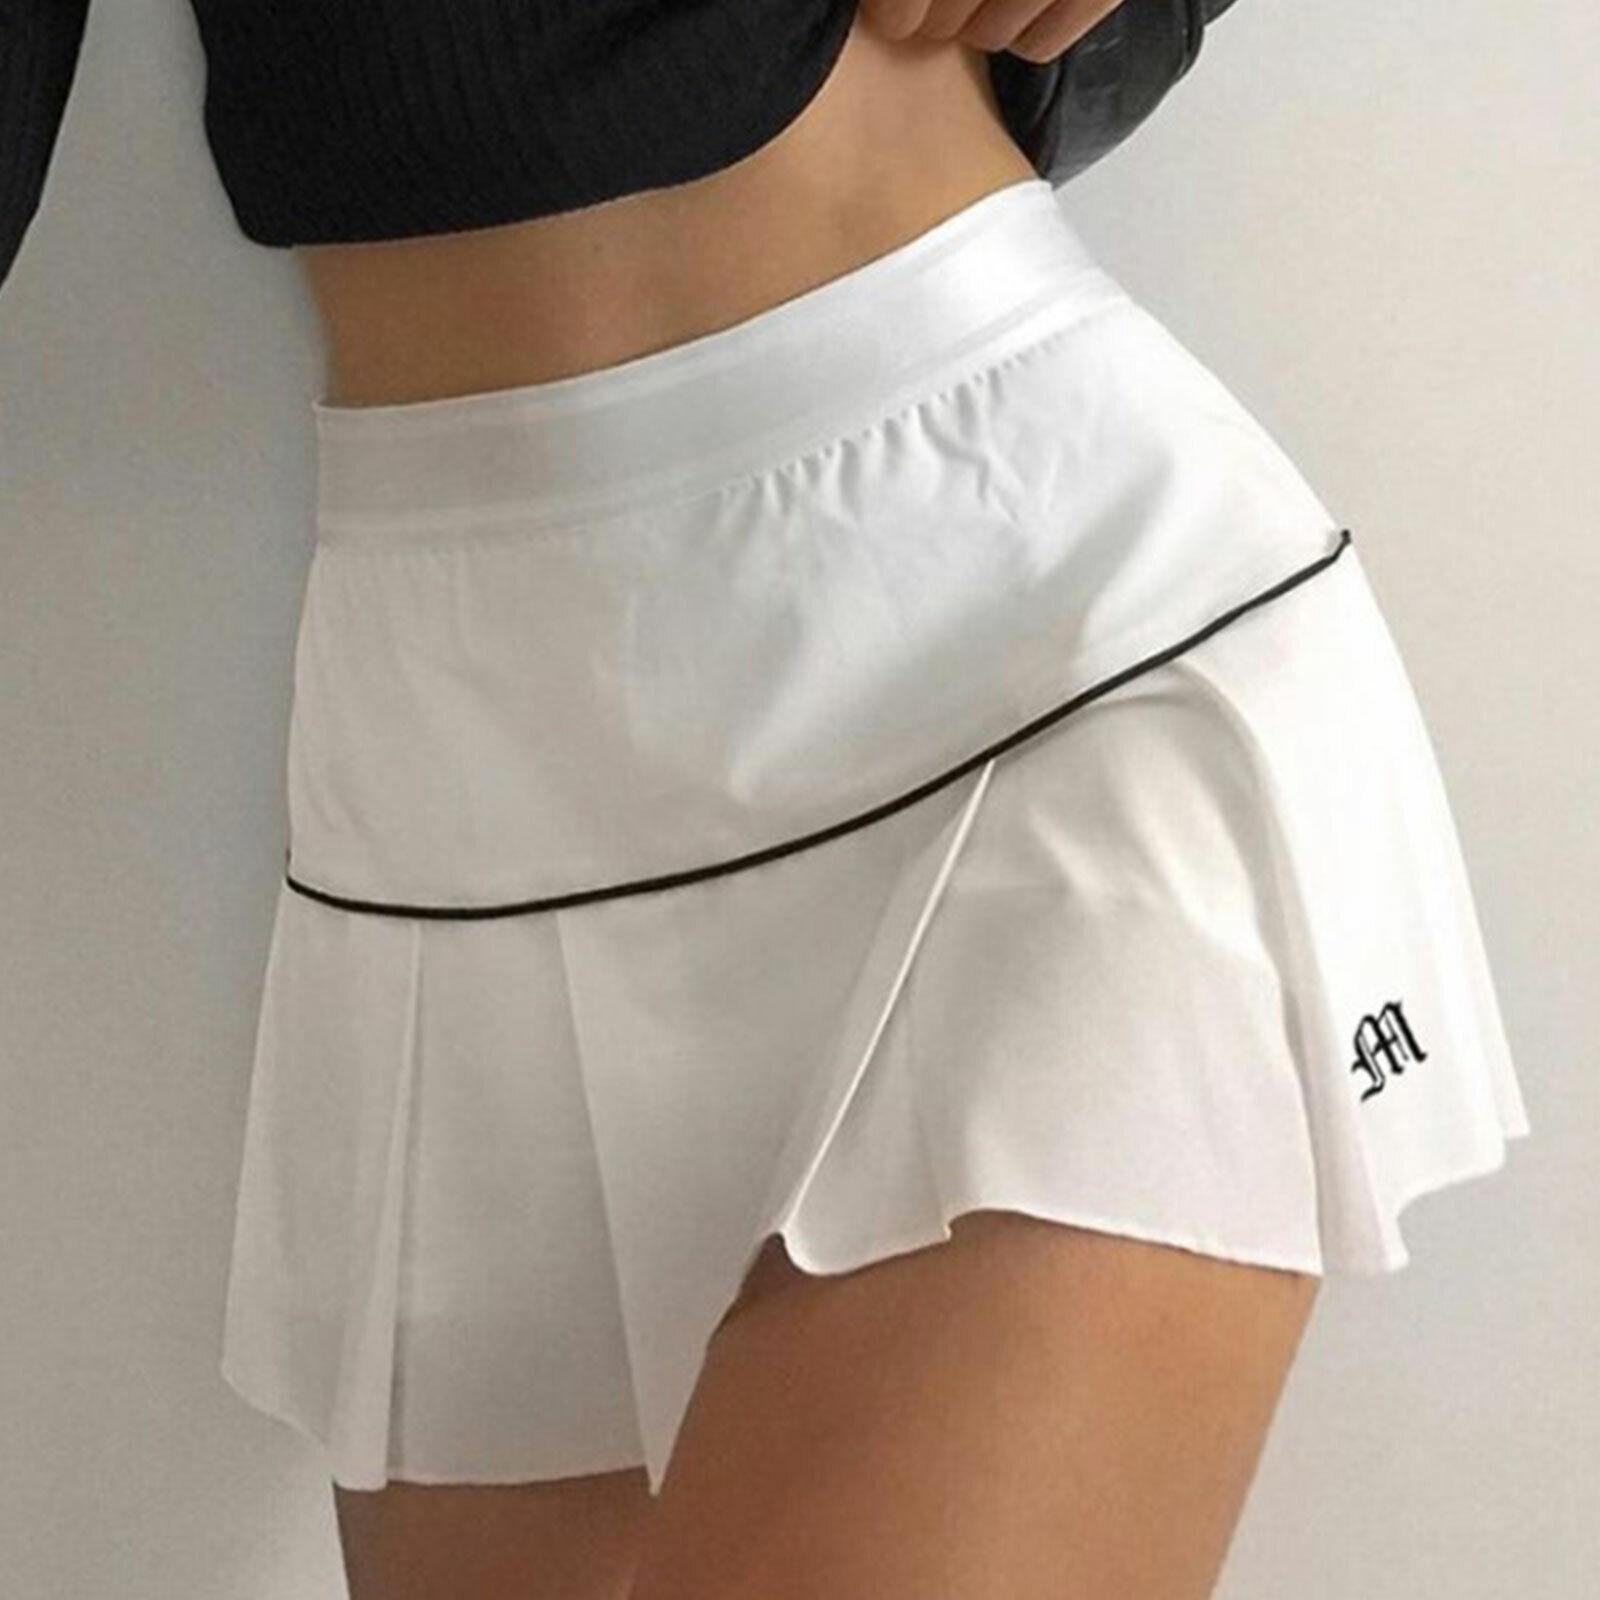 Faltenröcke für Damen Preppy Style Minirock mit hoher Taille Lässige Streetwear